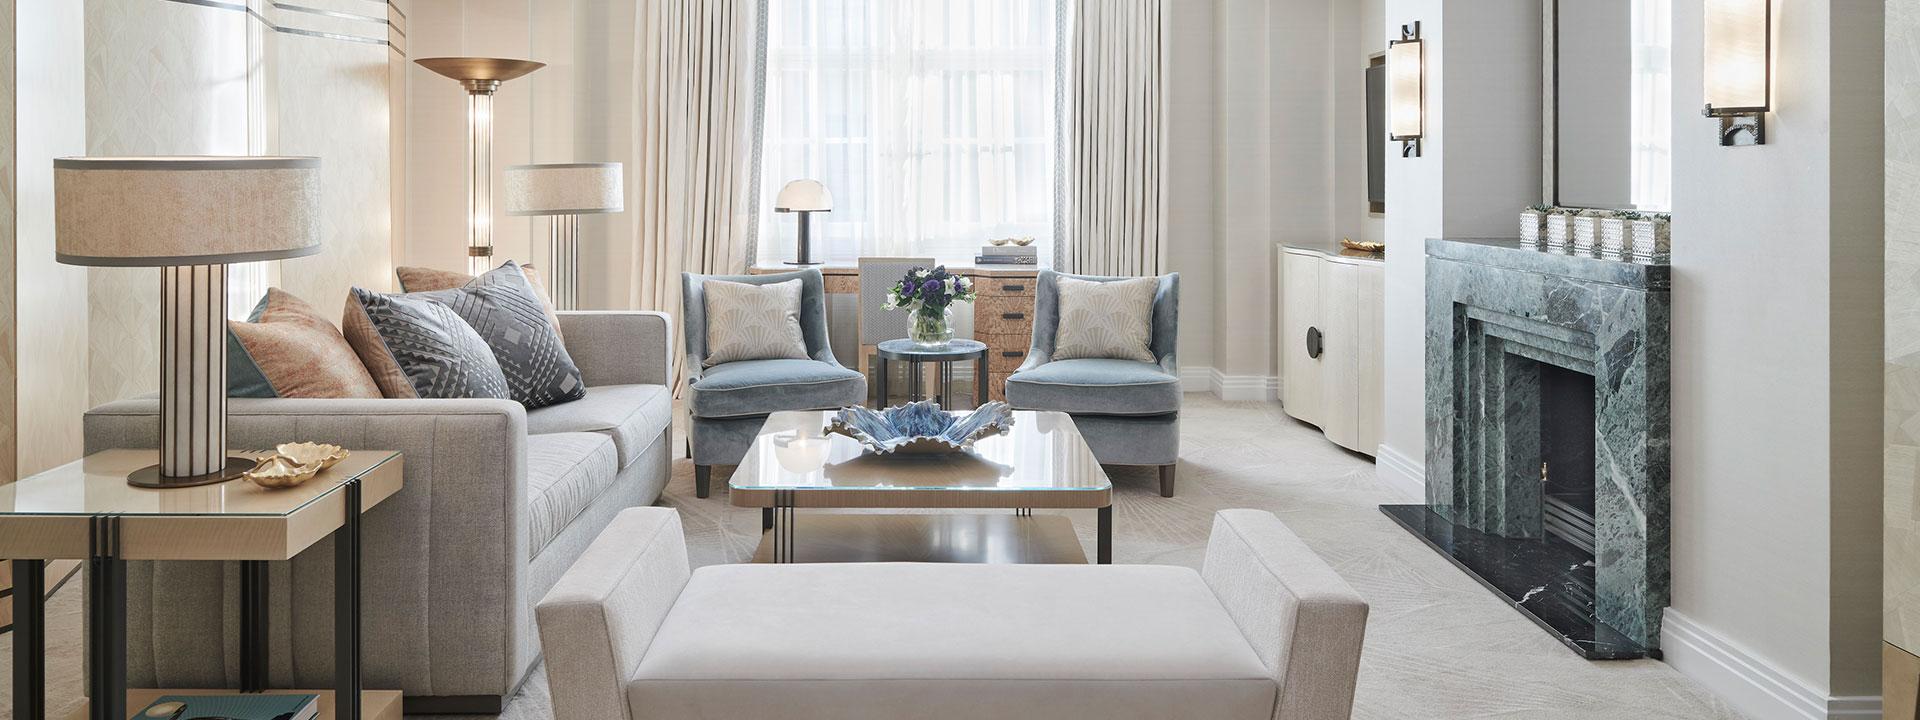 Claridge's Suite Living Room